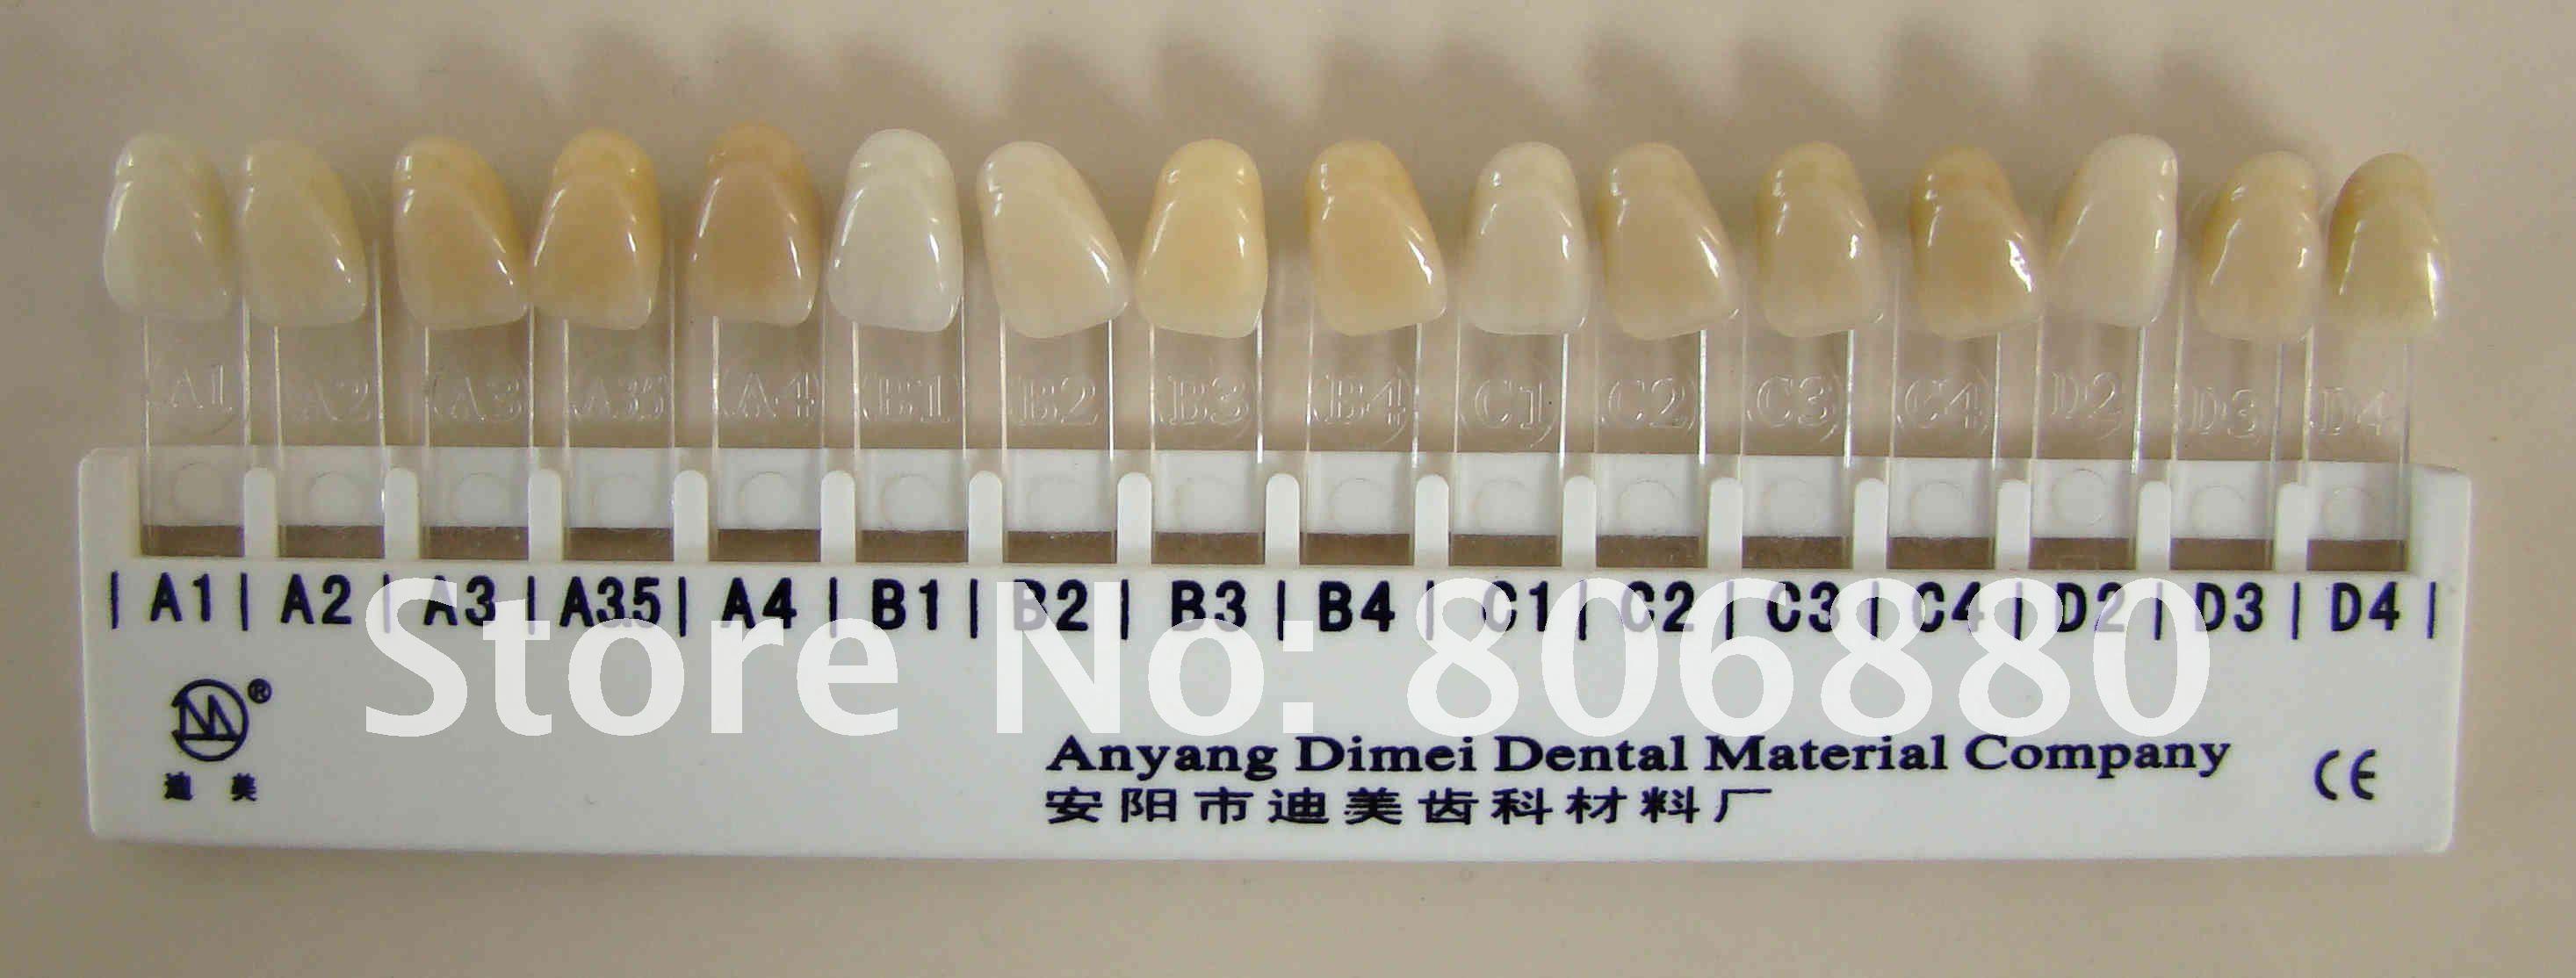 dentle color picture charts: Dentle color picture charts dental crown color selection dental